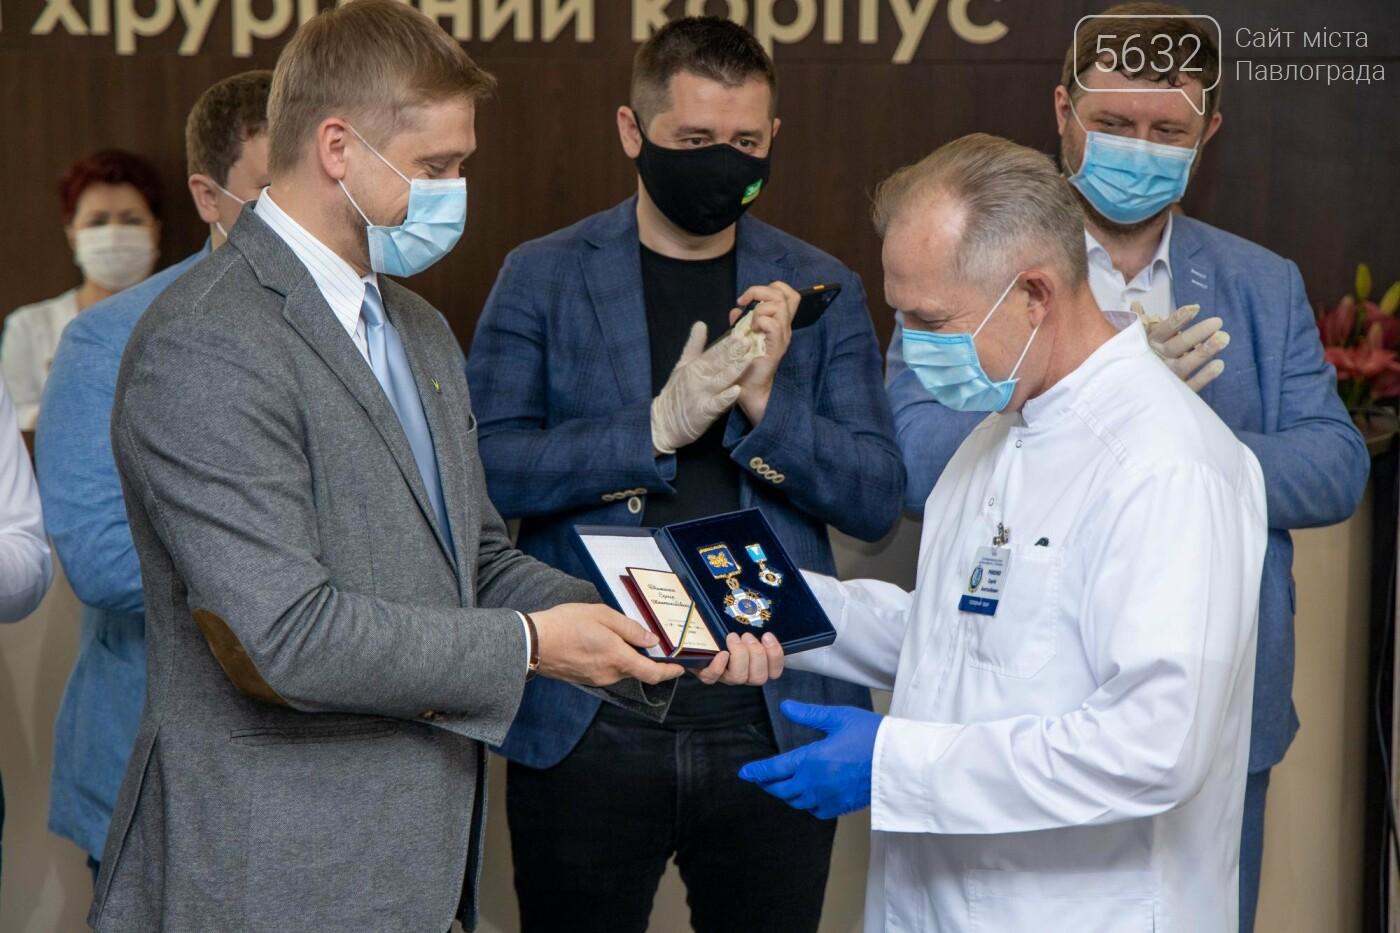 Семейный доктор из Павлограда получила звание «Заслуженный врач Украины», фото-1